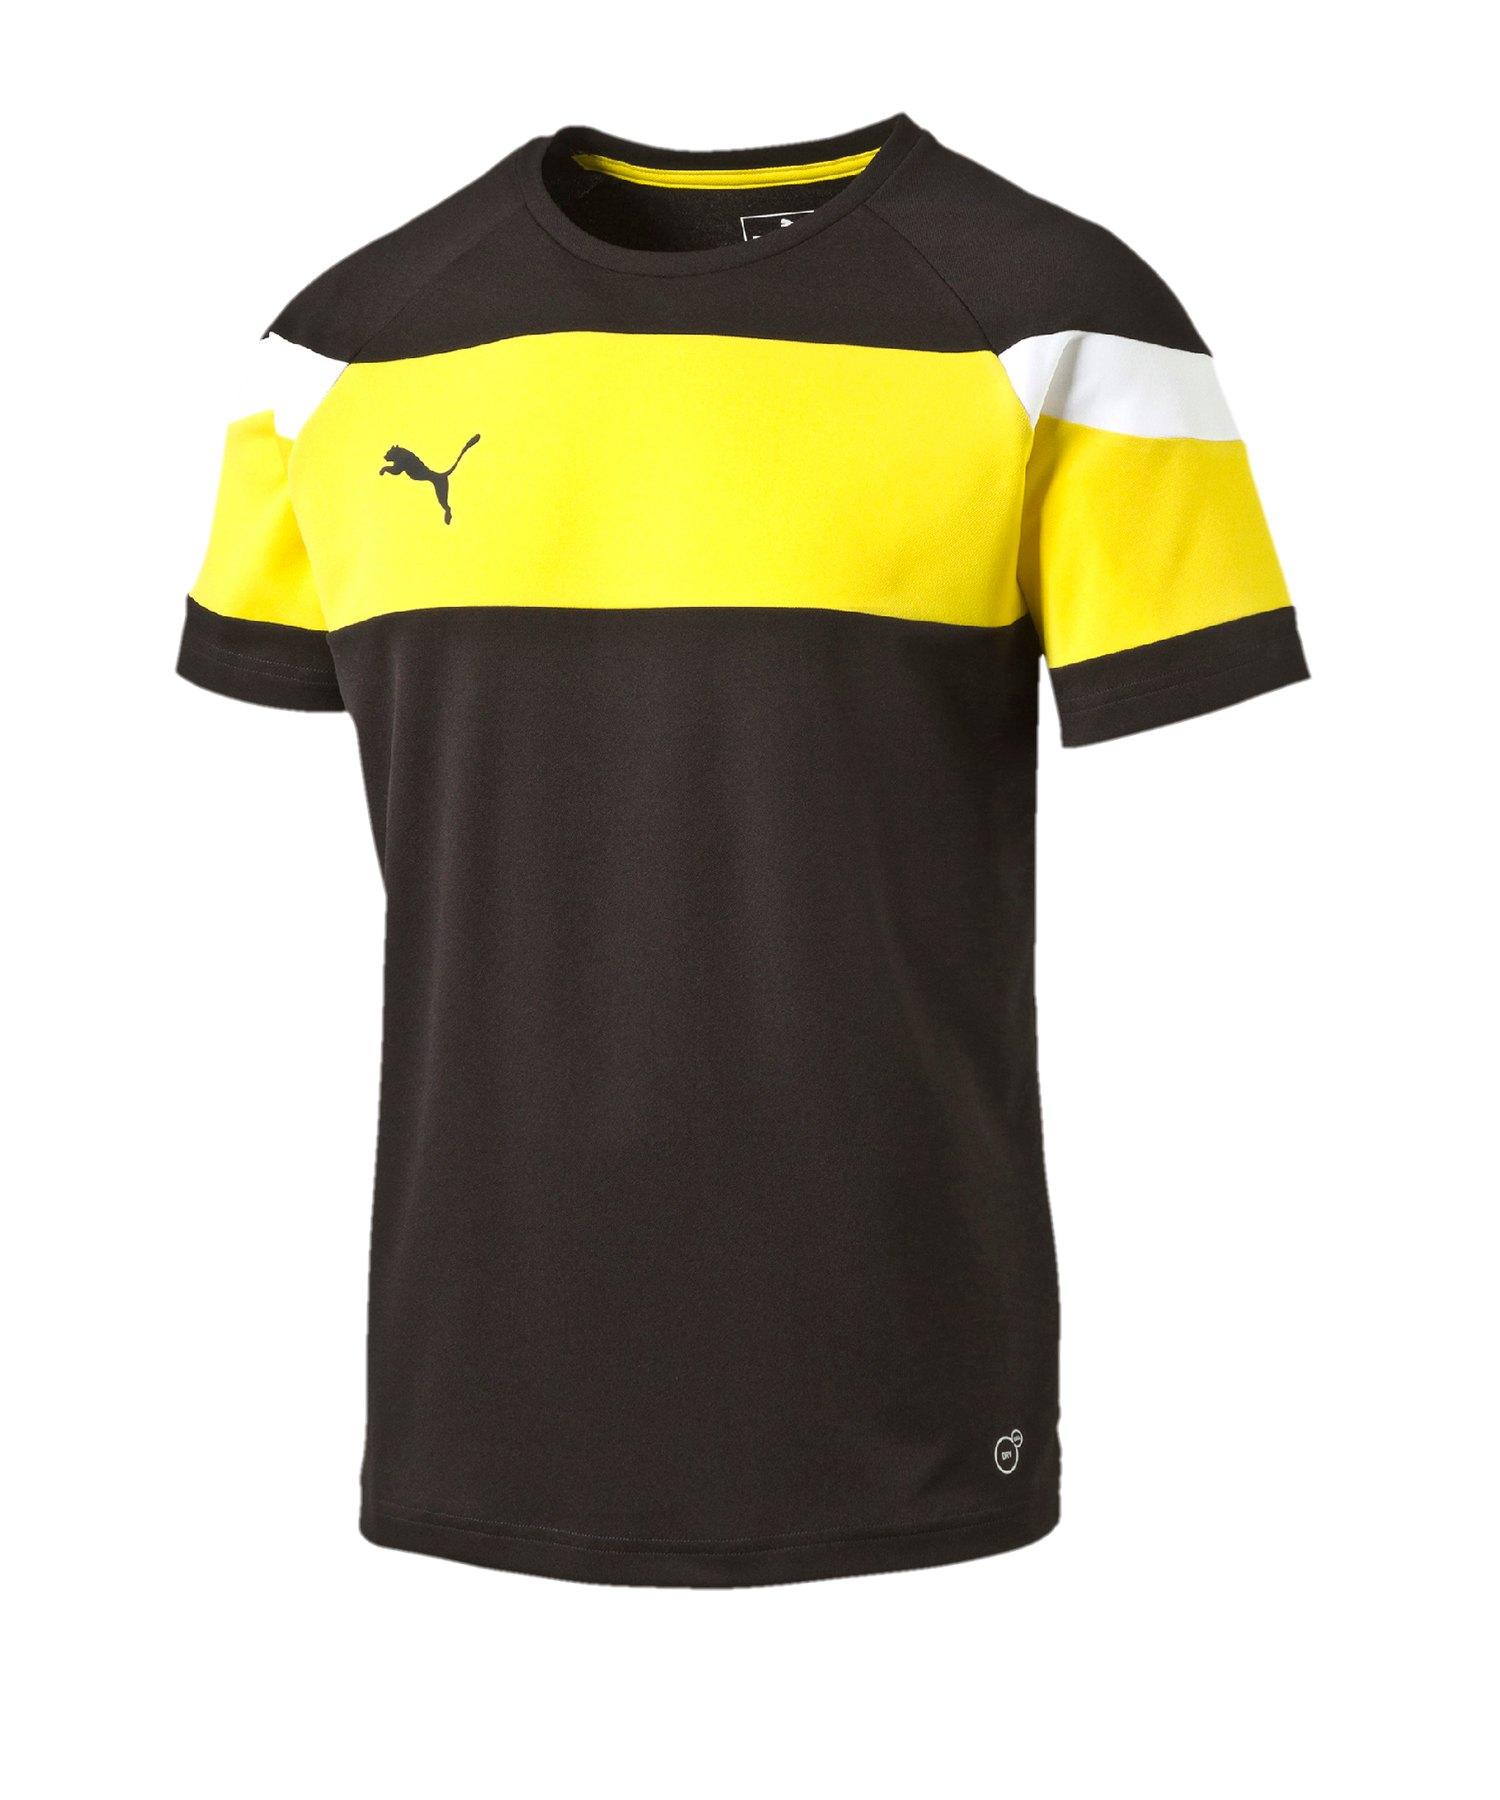 PUMA Spirit II Trainingsshirt Kids Schwarz Gelb - schwarz